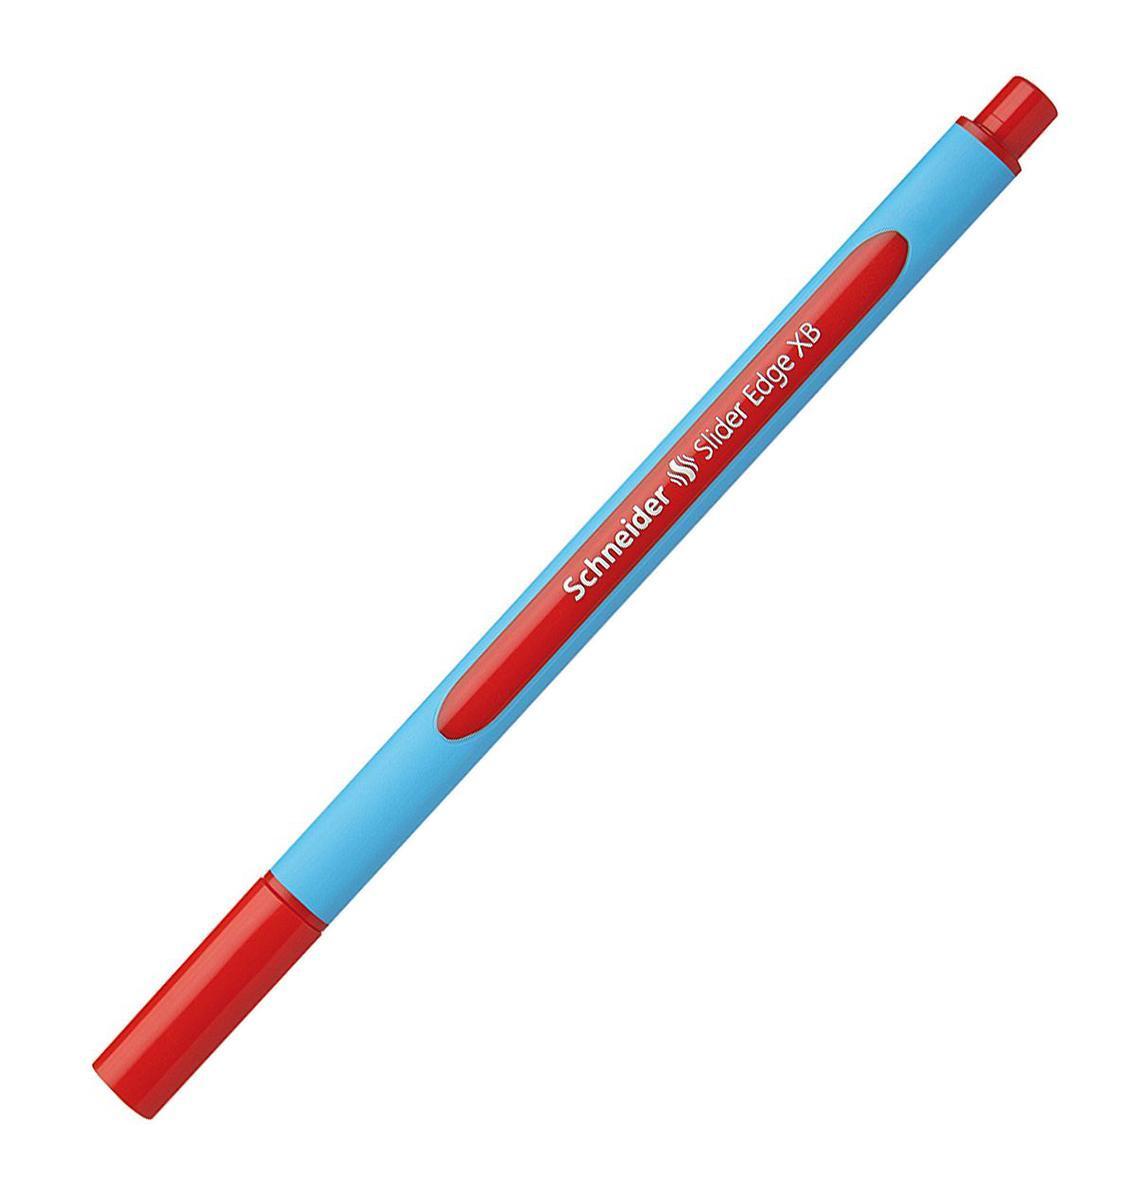 Ручка шариковая Slider Edge, XB - 1,0 мм, красный цвет чернил.S152202 S1522-01/2